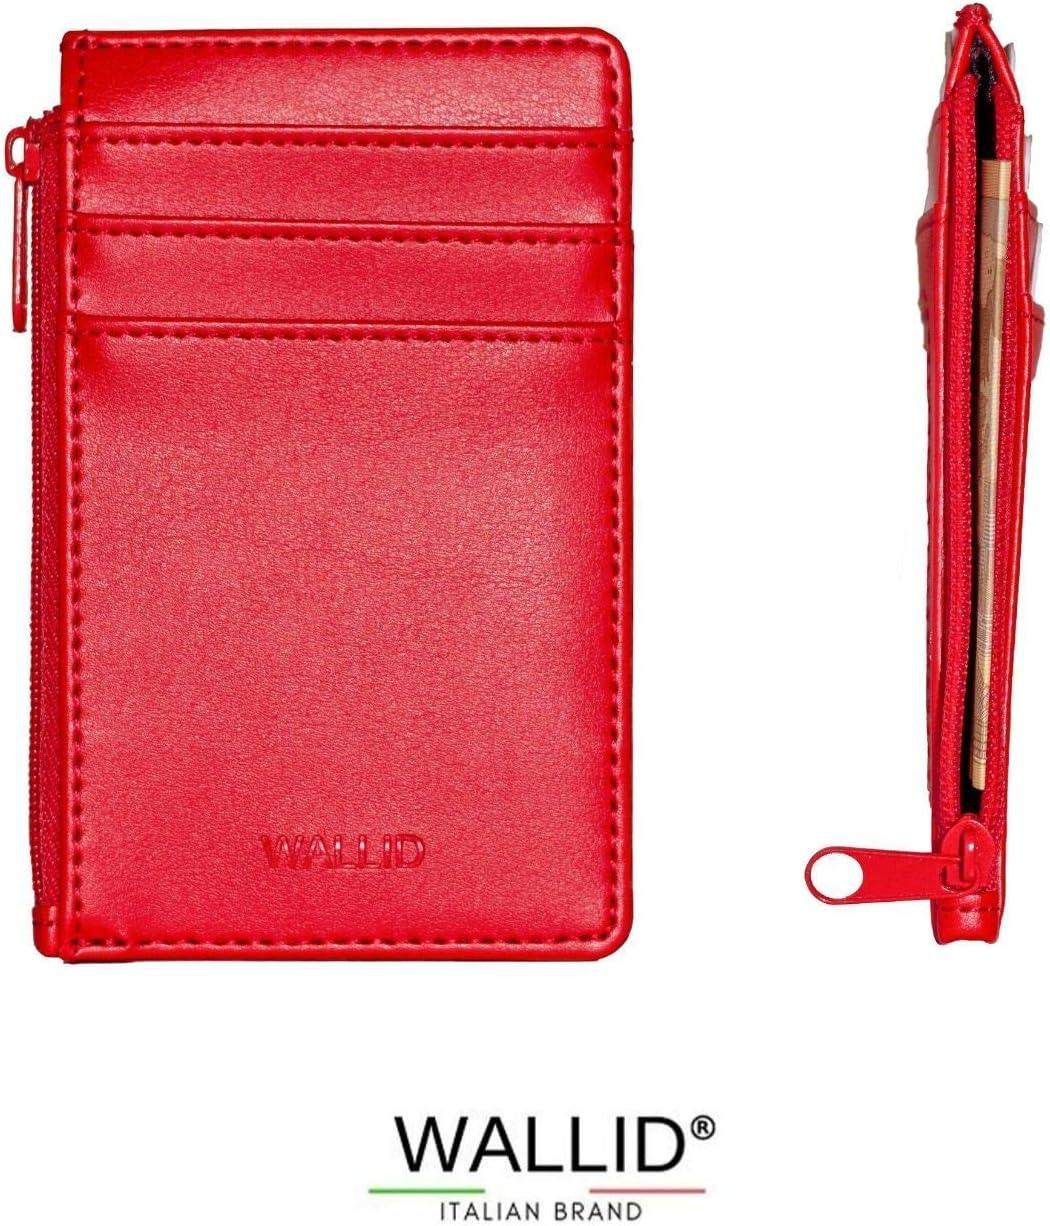 Blocage RFID Porte-Badge bancaire Cartes et permis de Conduire Wallid Porte-Cartes de cr/édit Petit Portefeuille Fin avec Fermeture /éclair